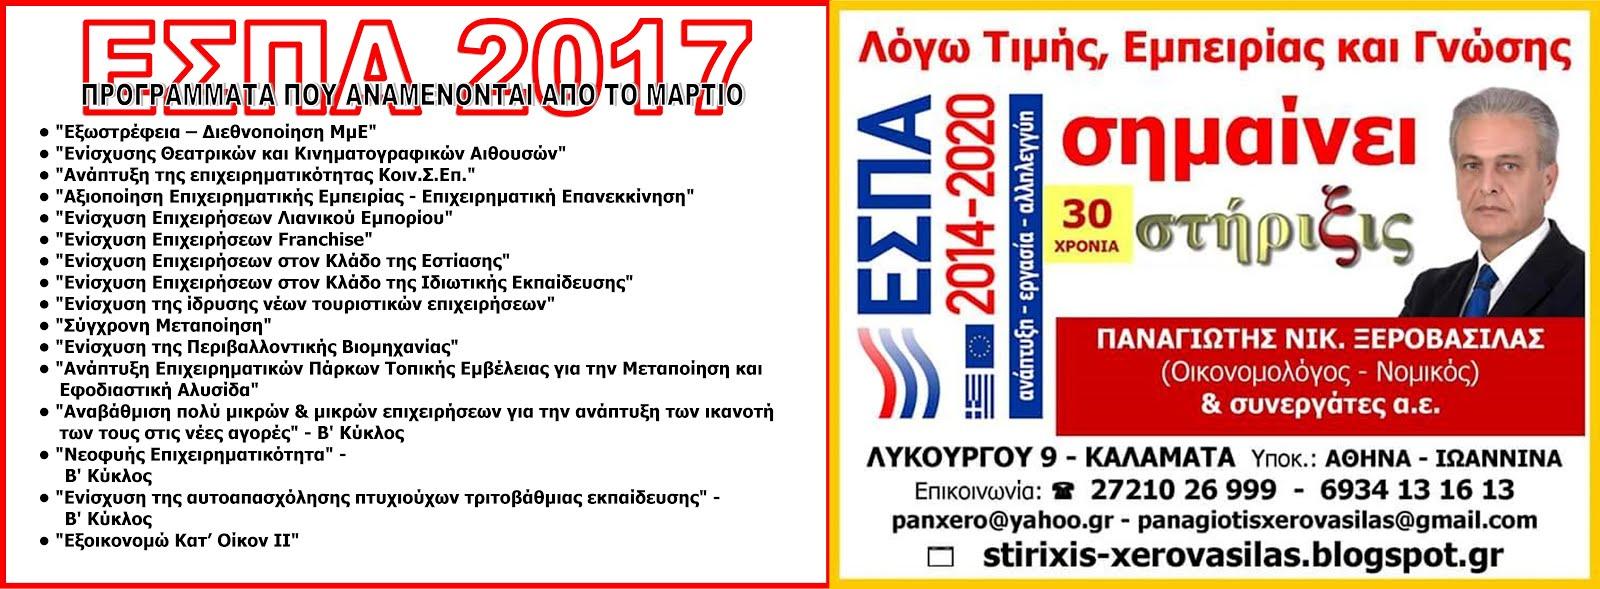 ΠΡΟΓΡΑΜΜΑΤΑ ΕΣΠΑ 2017